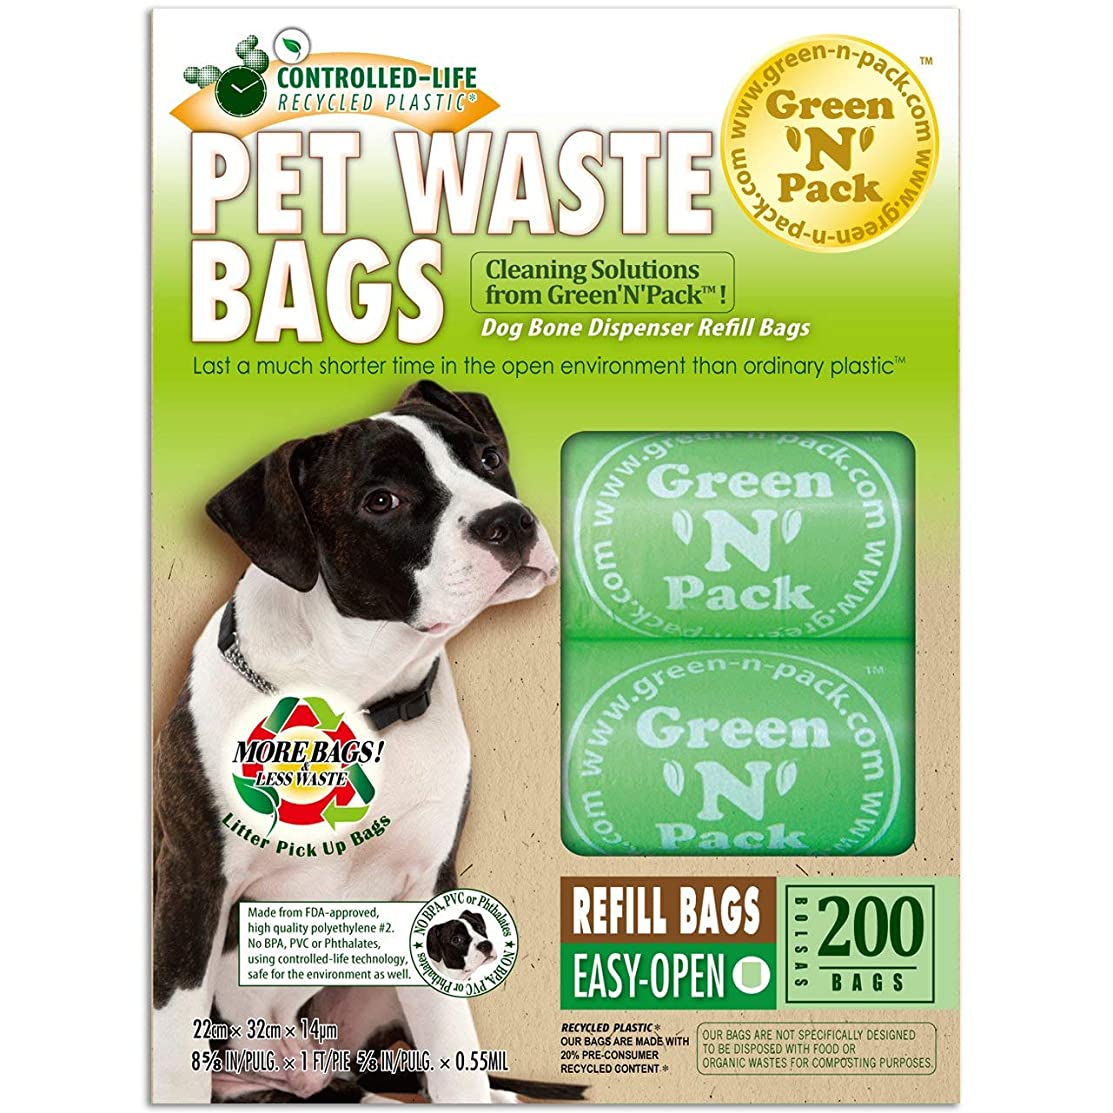 雪だるまパンチ冷笑するGreen 'N' Pack Eco Friendly Bags - 犬Pooは日 75 パックを袋に入れる - 200バッグ